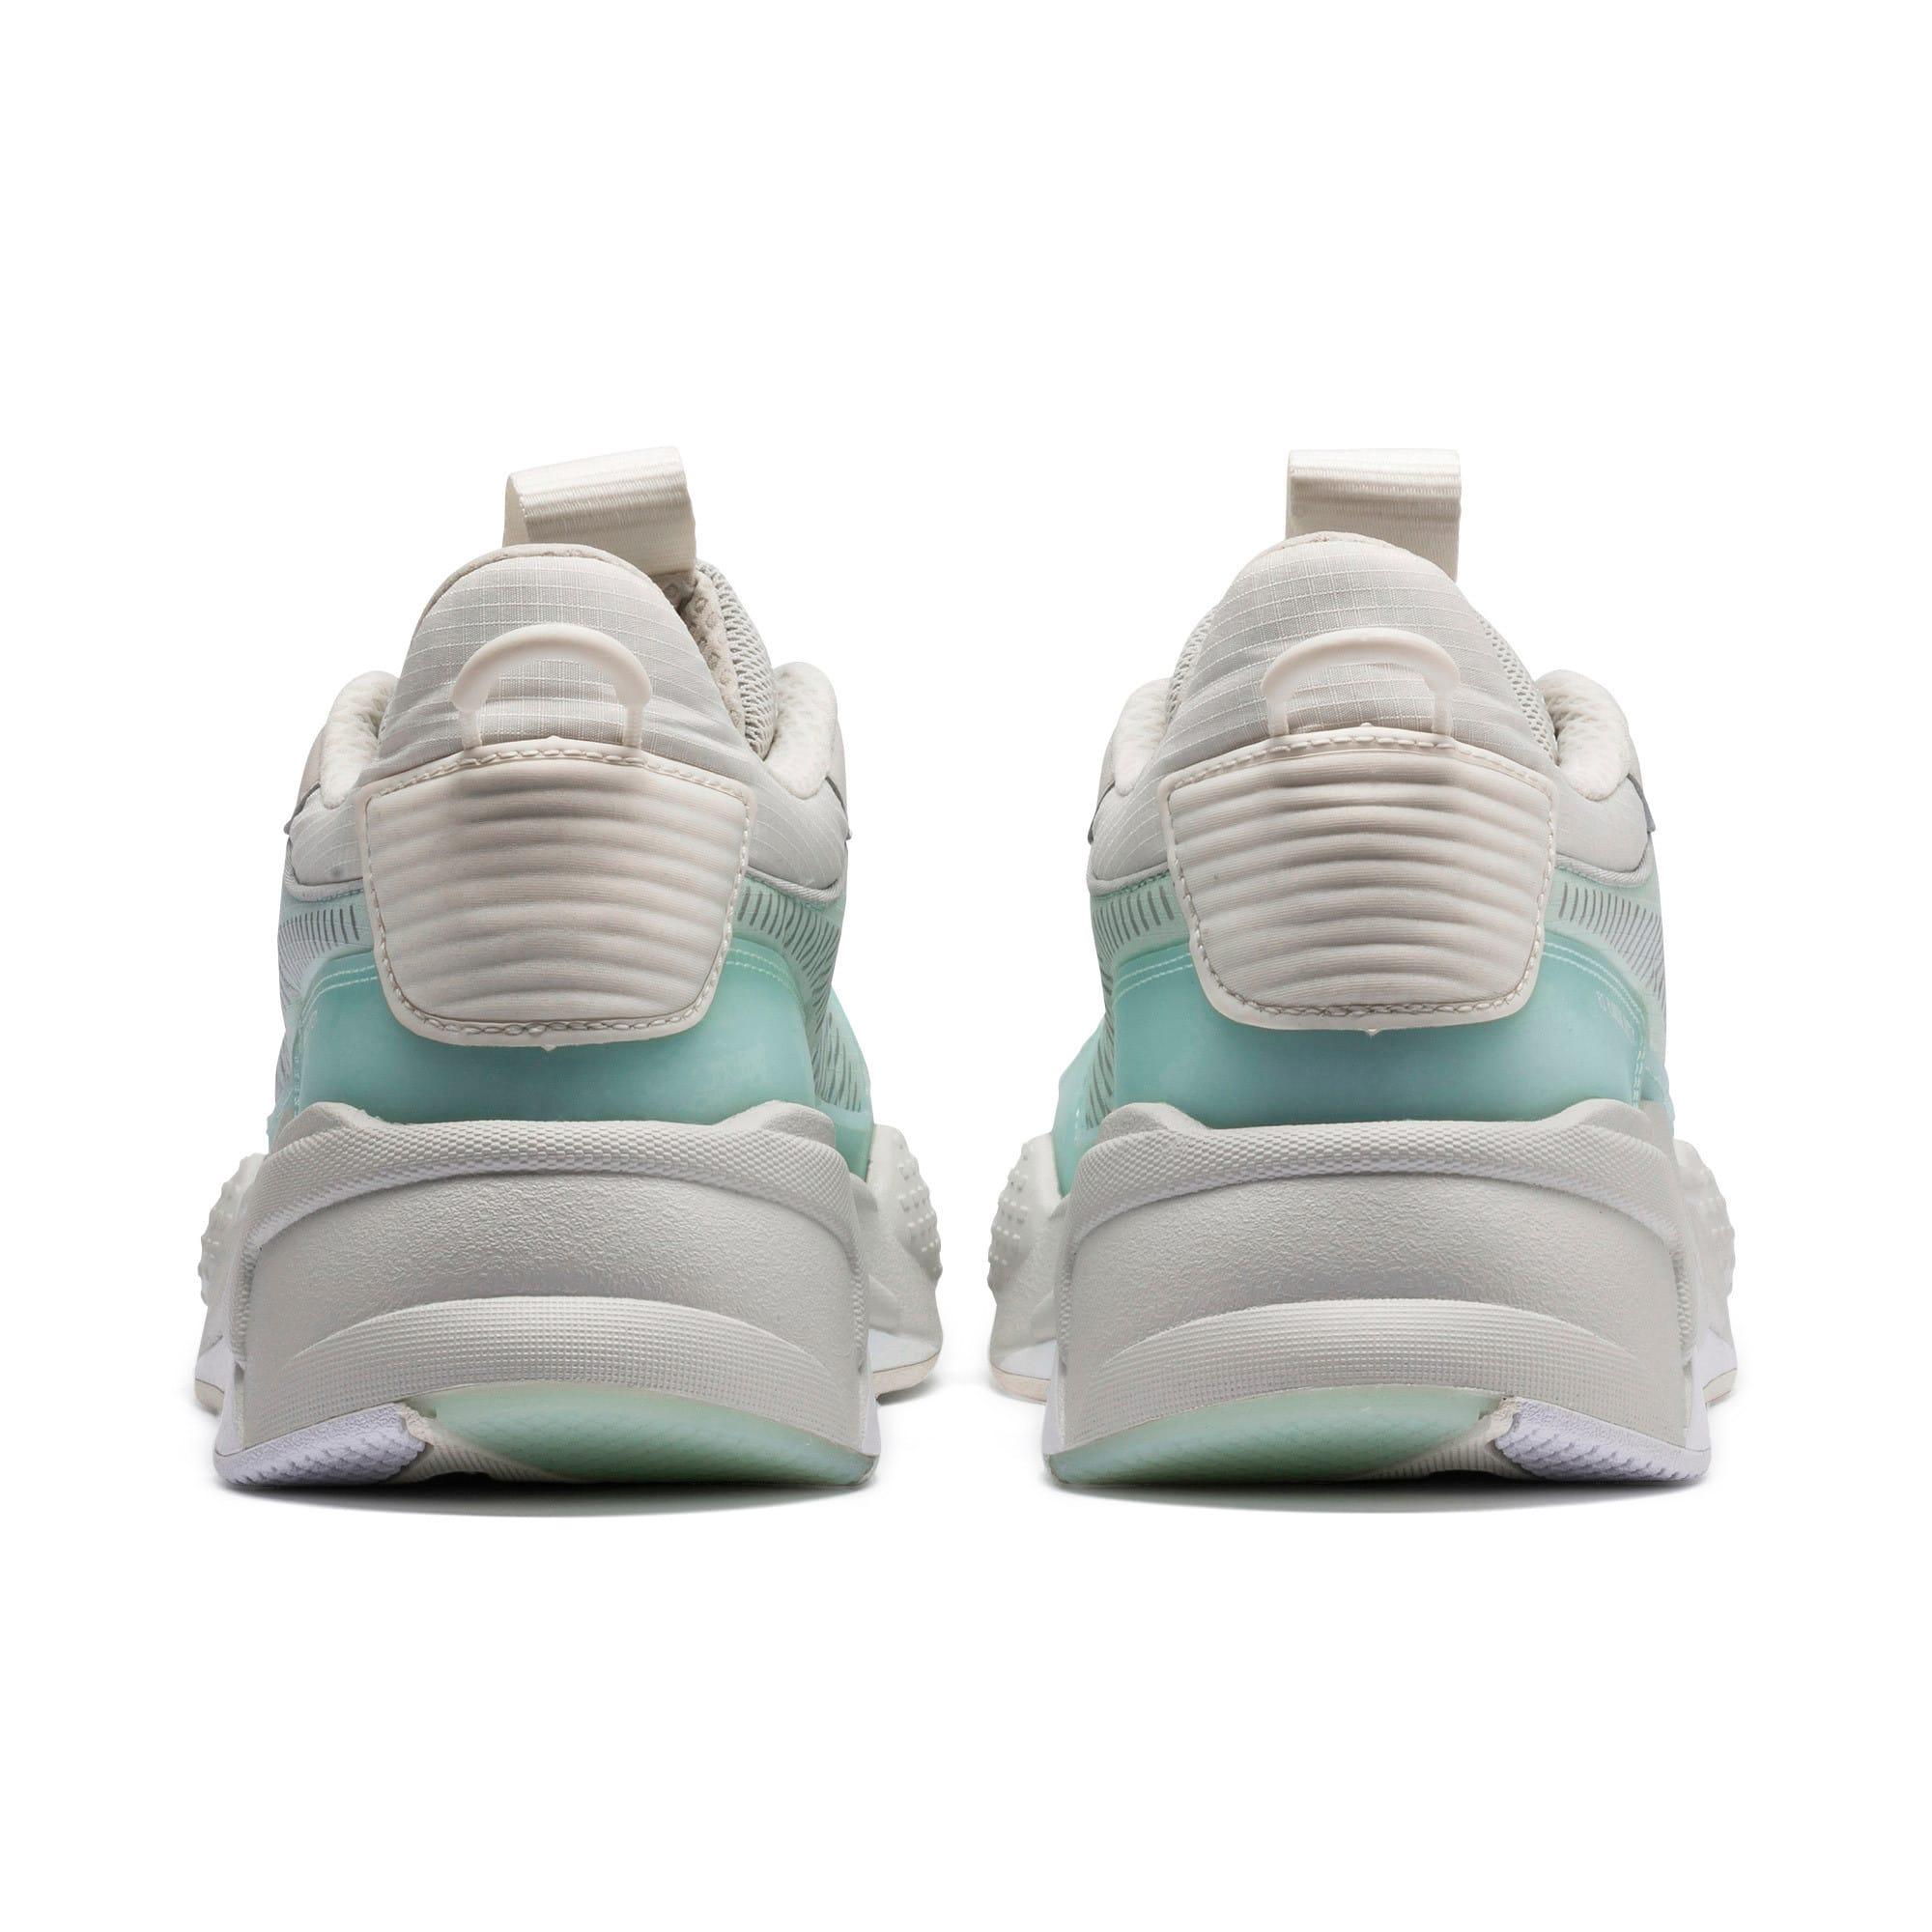 Thumbnail 3 of RS-X TECH Sneakers, Vaporous Gray-Fair Aqua, medium